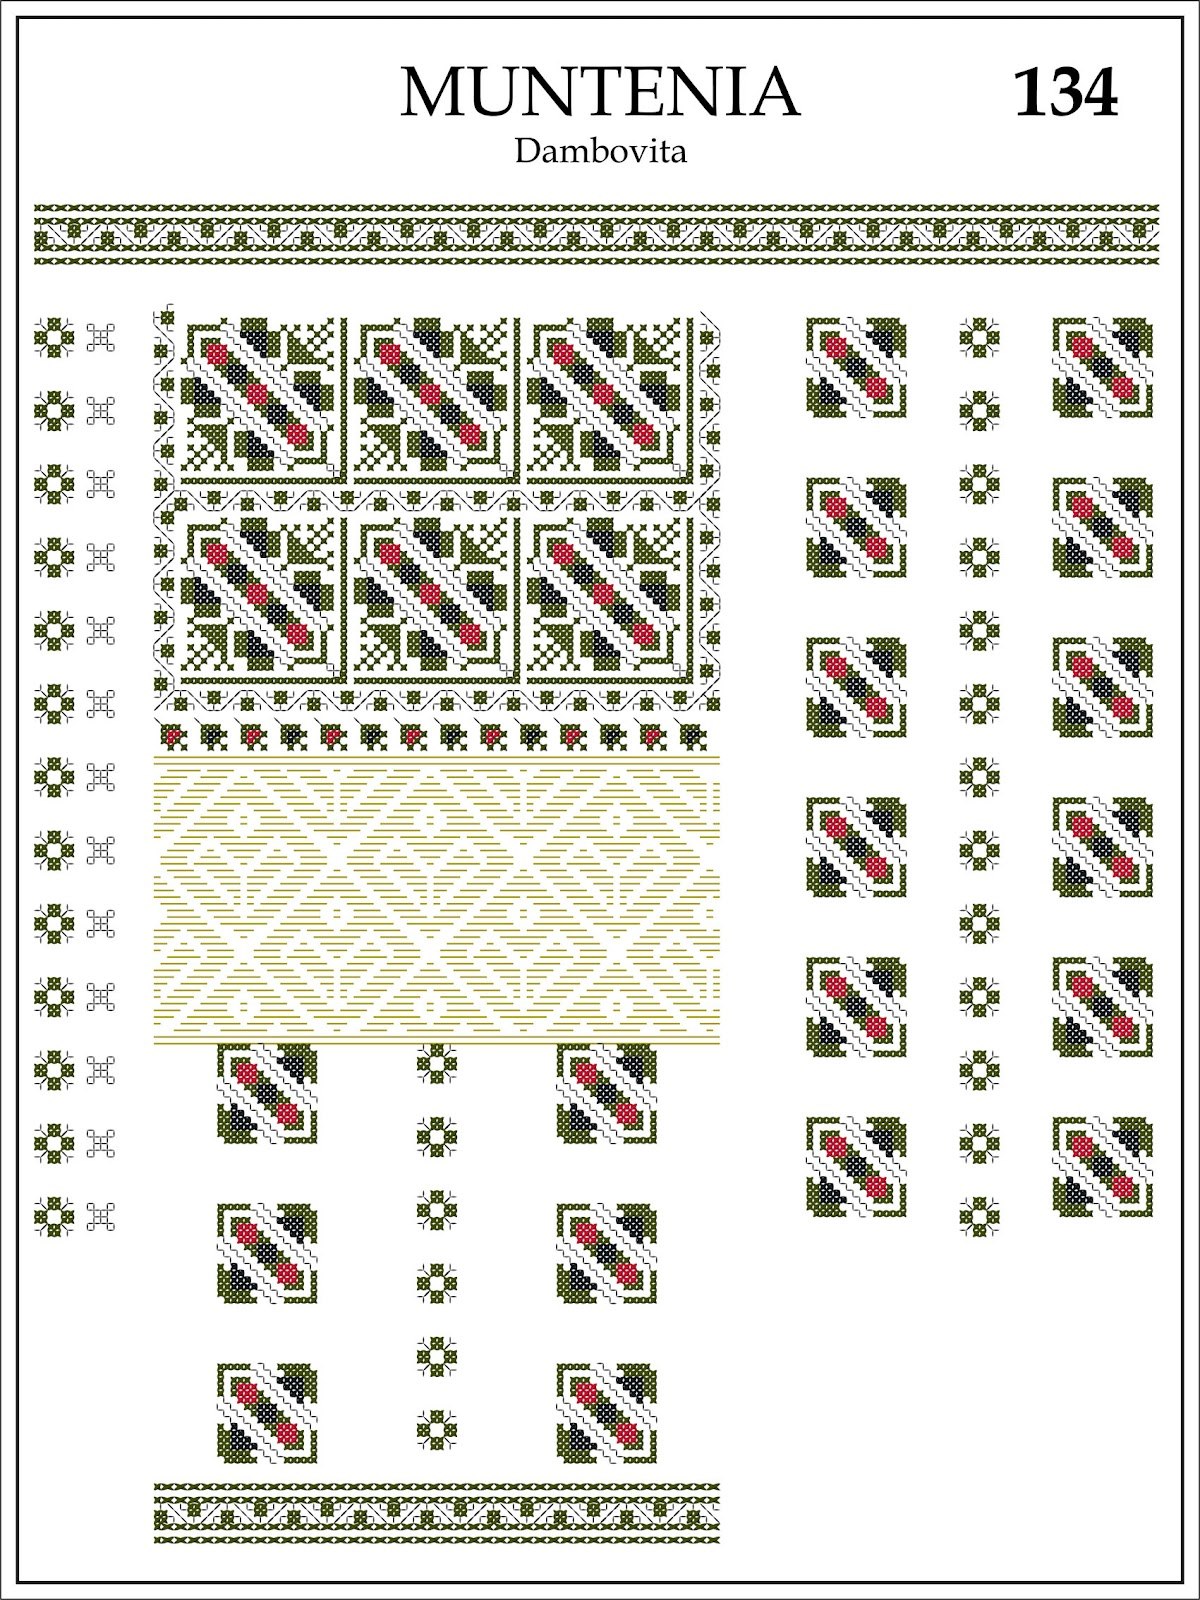 Pagina Reprodusa Din Album De Cusaturi Romanesti